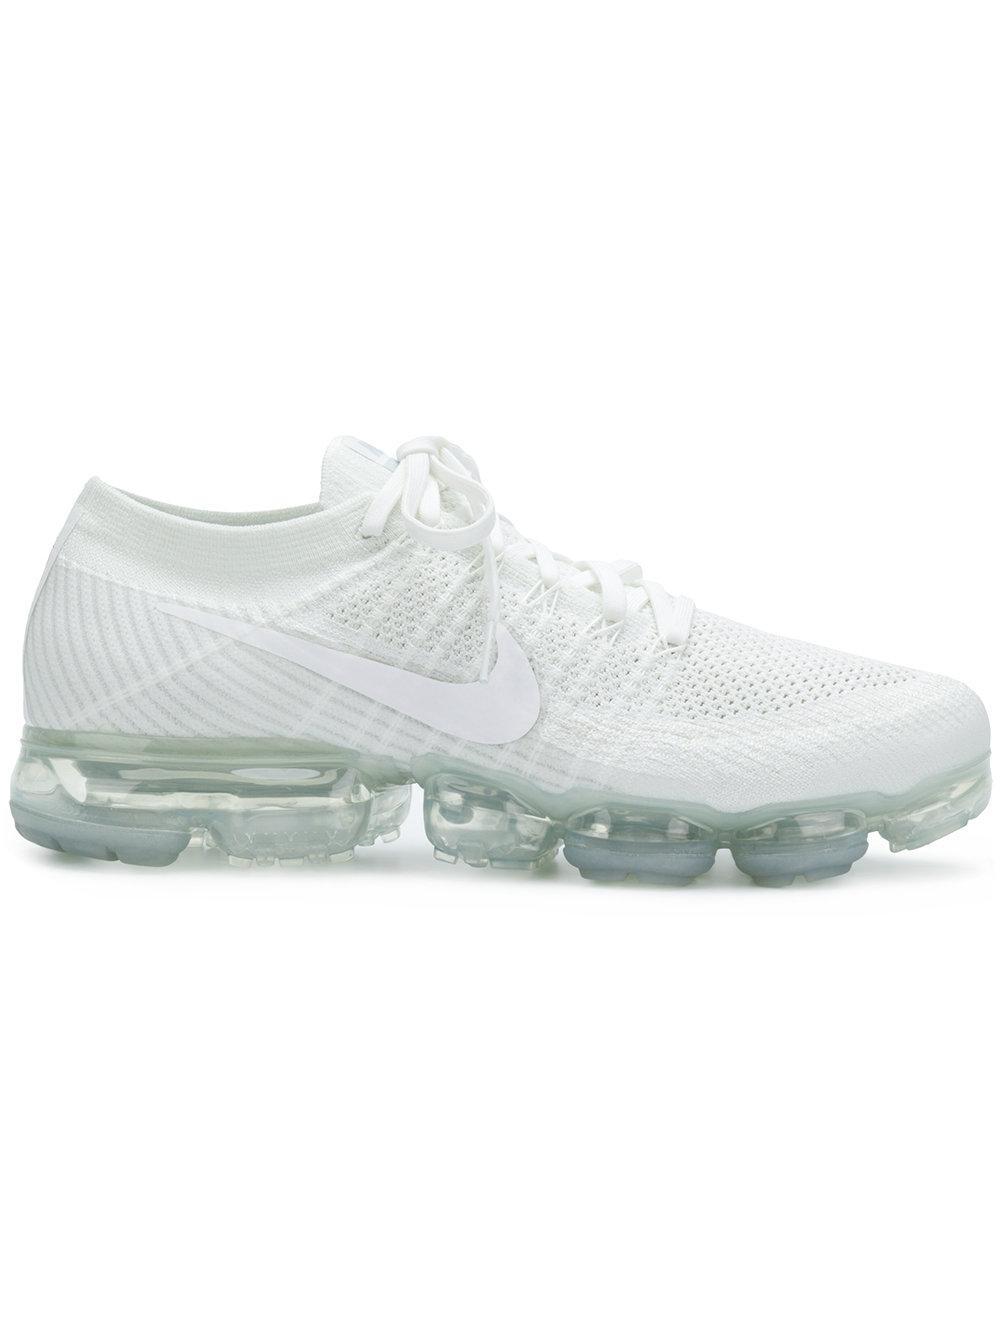 fdf7b6b840a2 Nike Air Vapormax Flyknit Sneakers - White. Farfetch